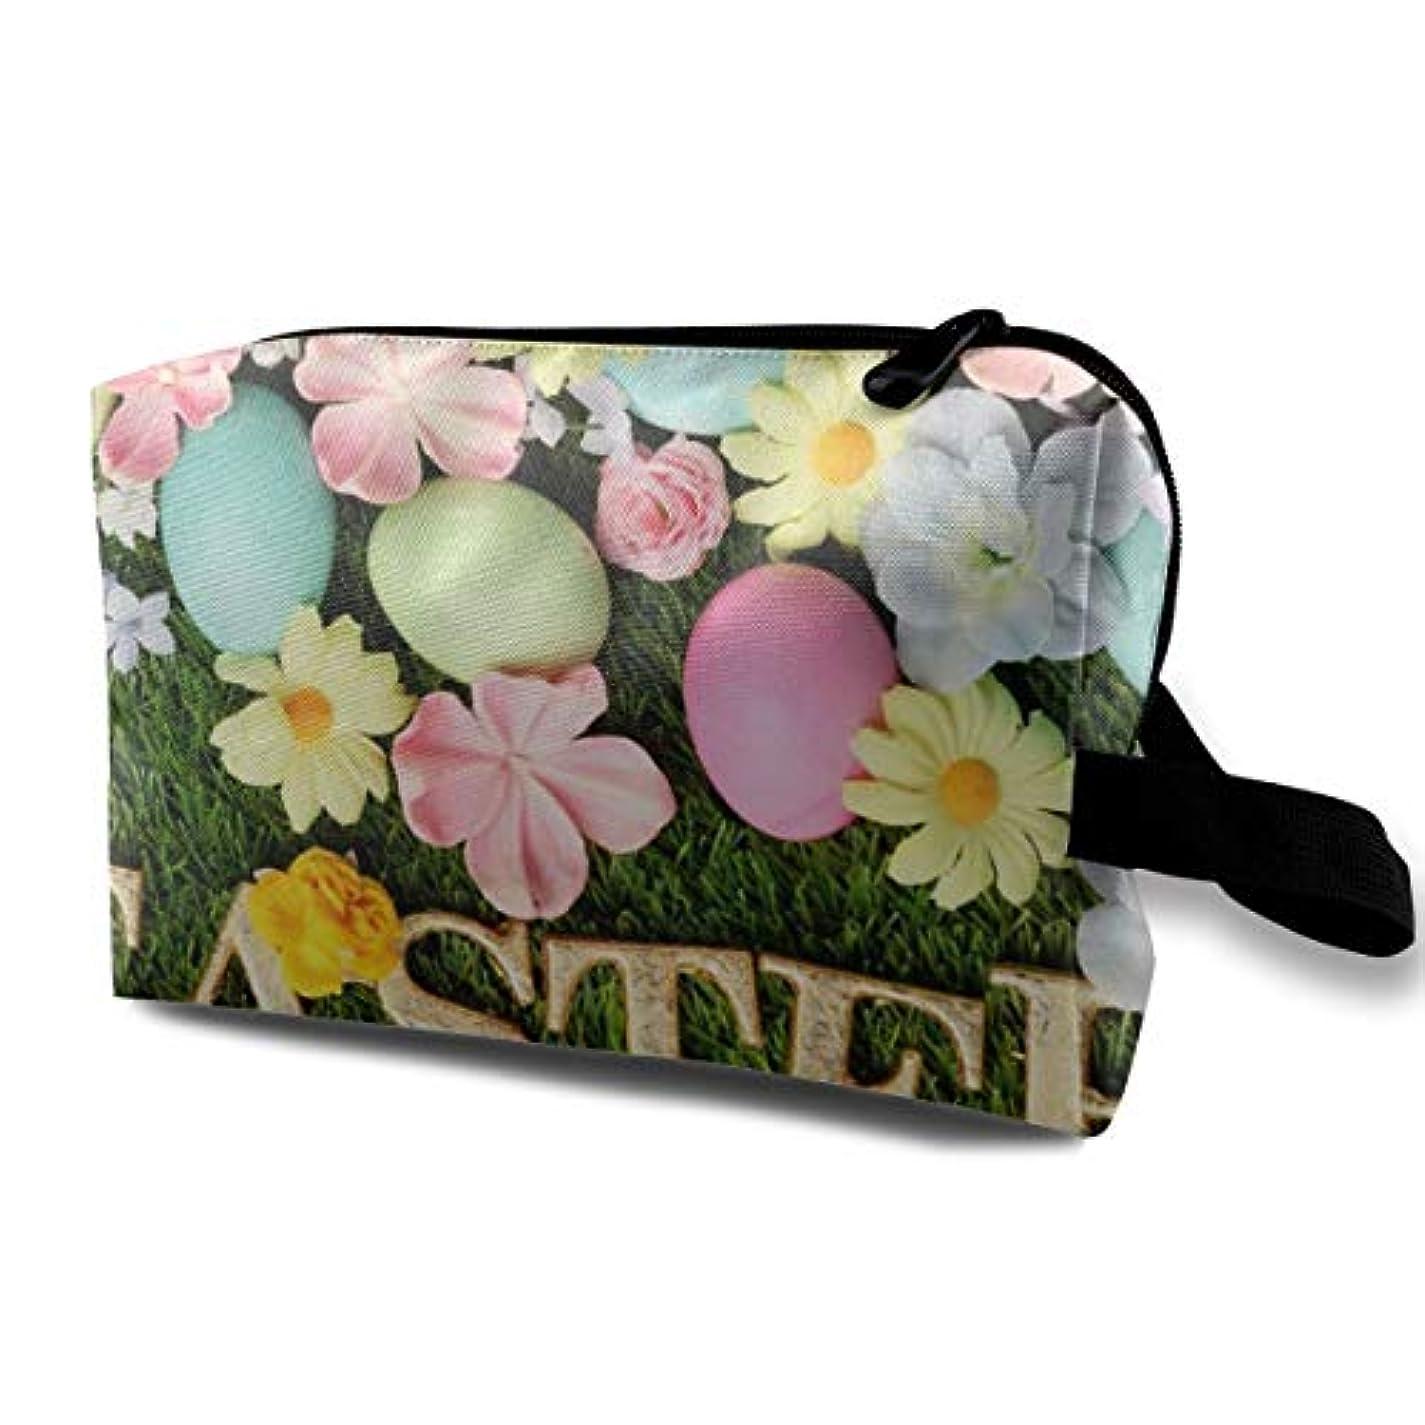 お誕生日見込みアルミニウムHolidays Easter Eggs In Grass 収納ポーチ 化粧ポーチ 大容量 軽量 耐久性 ハンドル付持ち運び便利。入れ 自宅?出張?旅行?アウトドア撮影などに対応。メンズ レディース トラベルグッズ